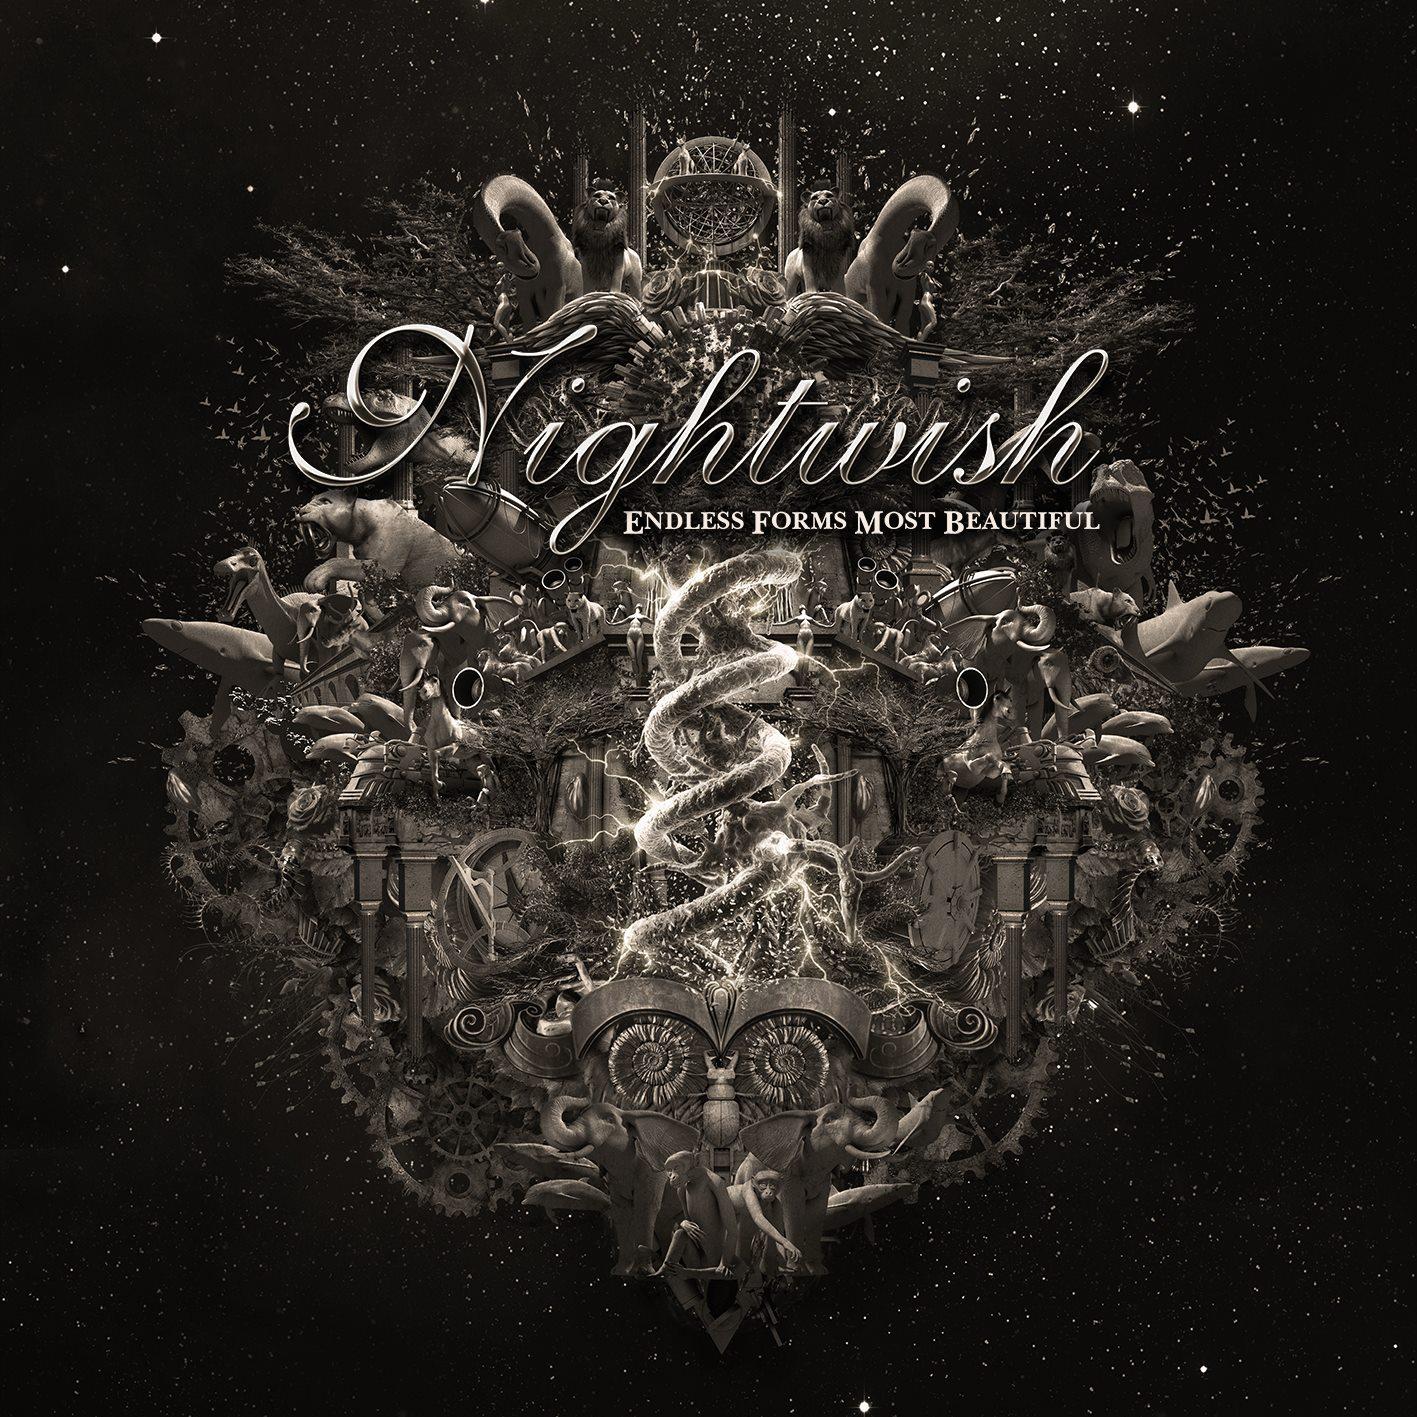 <strong>Endless Forms Most Beautiful</strong>— восьмой студийный альбом финской симфоник-метал-группы <i>Nightwish</i>. Релиз запланирован налейбле <i>Nuclear Blast</i> вмарте 2015 года: 27 марта— вЕвропе, 30 марта— вВеликобритании, 31 марта— вСША. Кзаписи был привлечён профессор биологии ипопуляризатор науки Ричард Докинз. Словосочетание <em>«Endless Forms Most Beautiful»</em> взято из книги Чарльза Дарвина <strong>«Происхождение видов»</strong>.